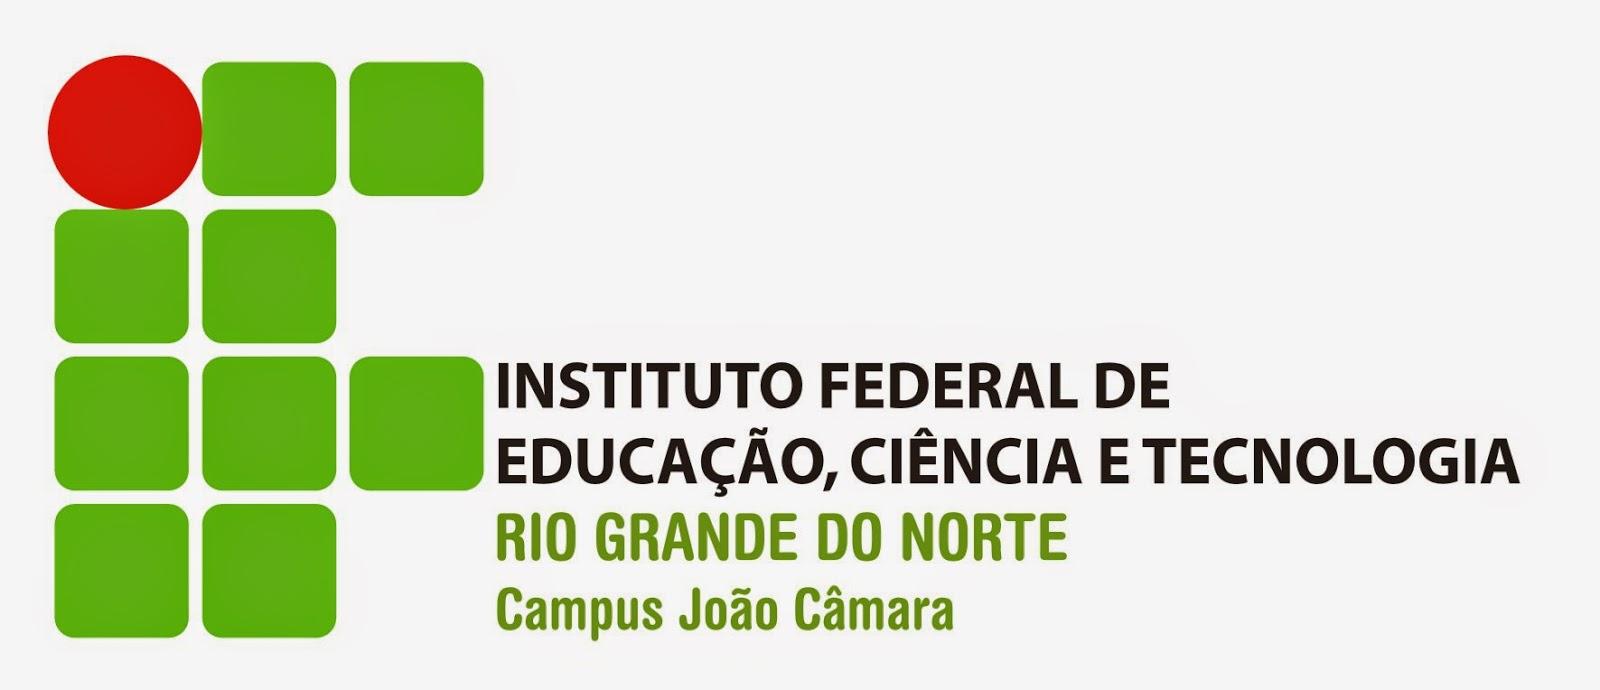 Resultado de imagem para IFRN Campus João Câmara